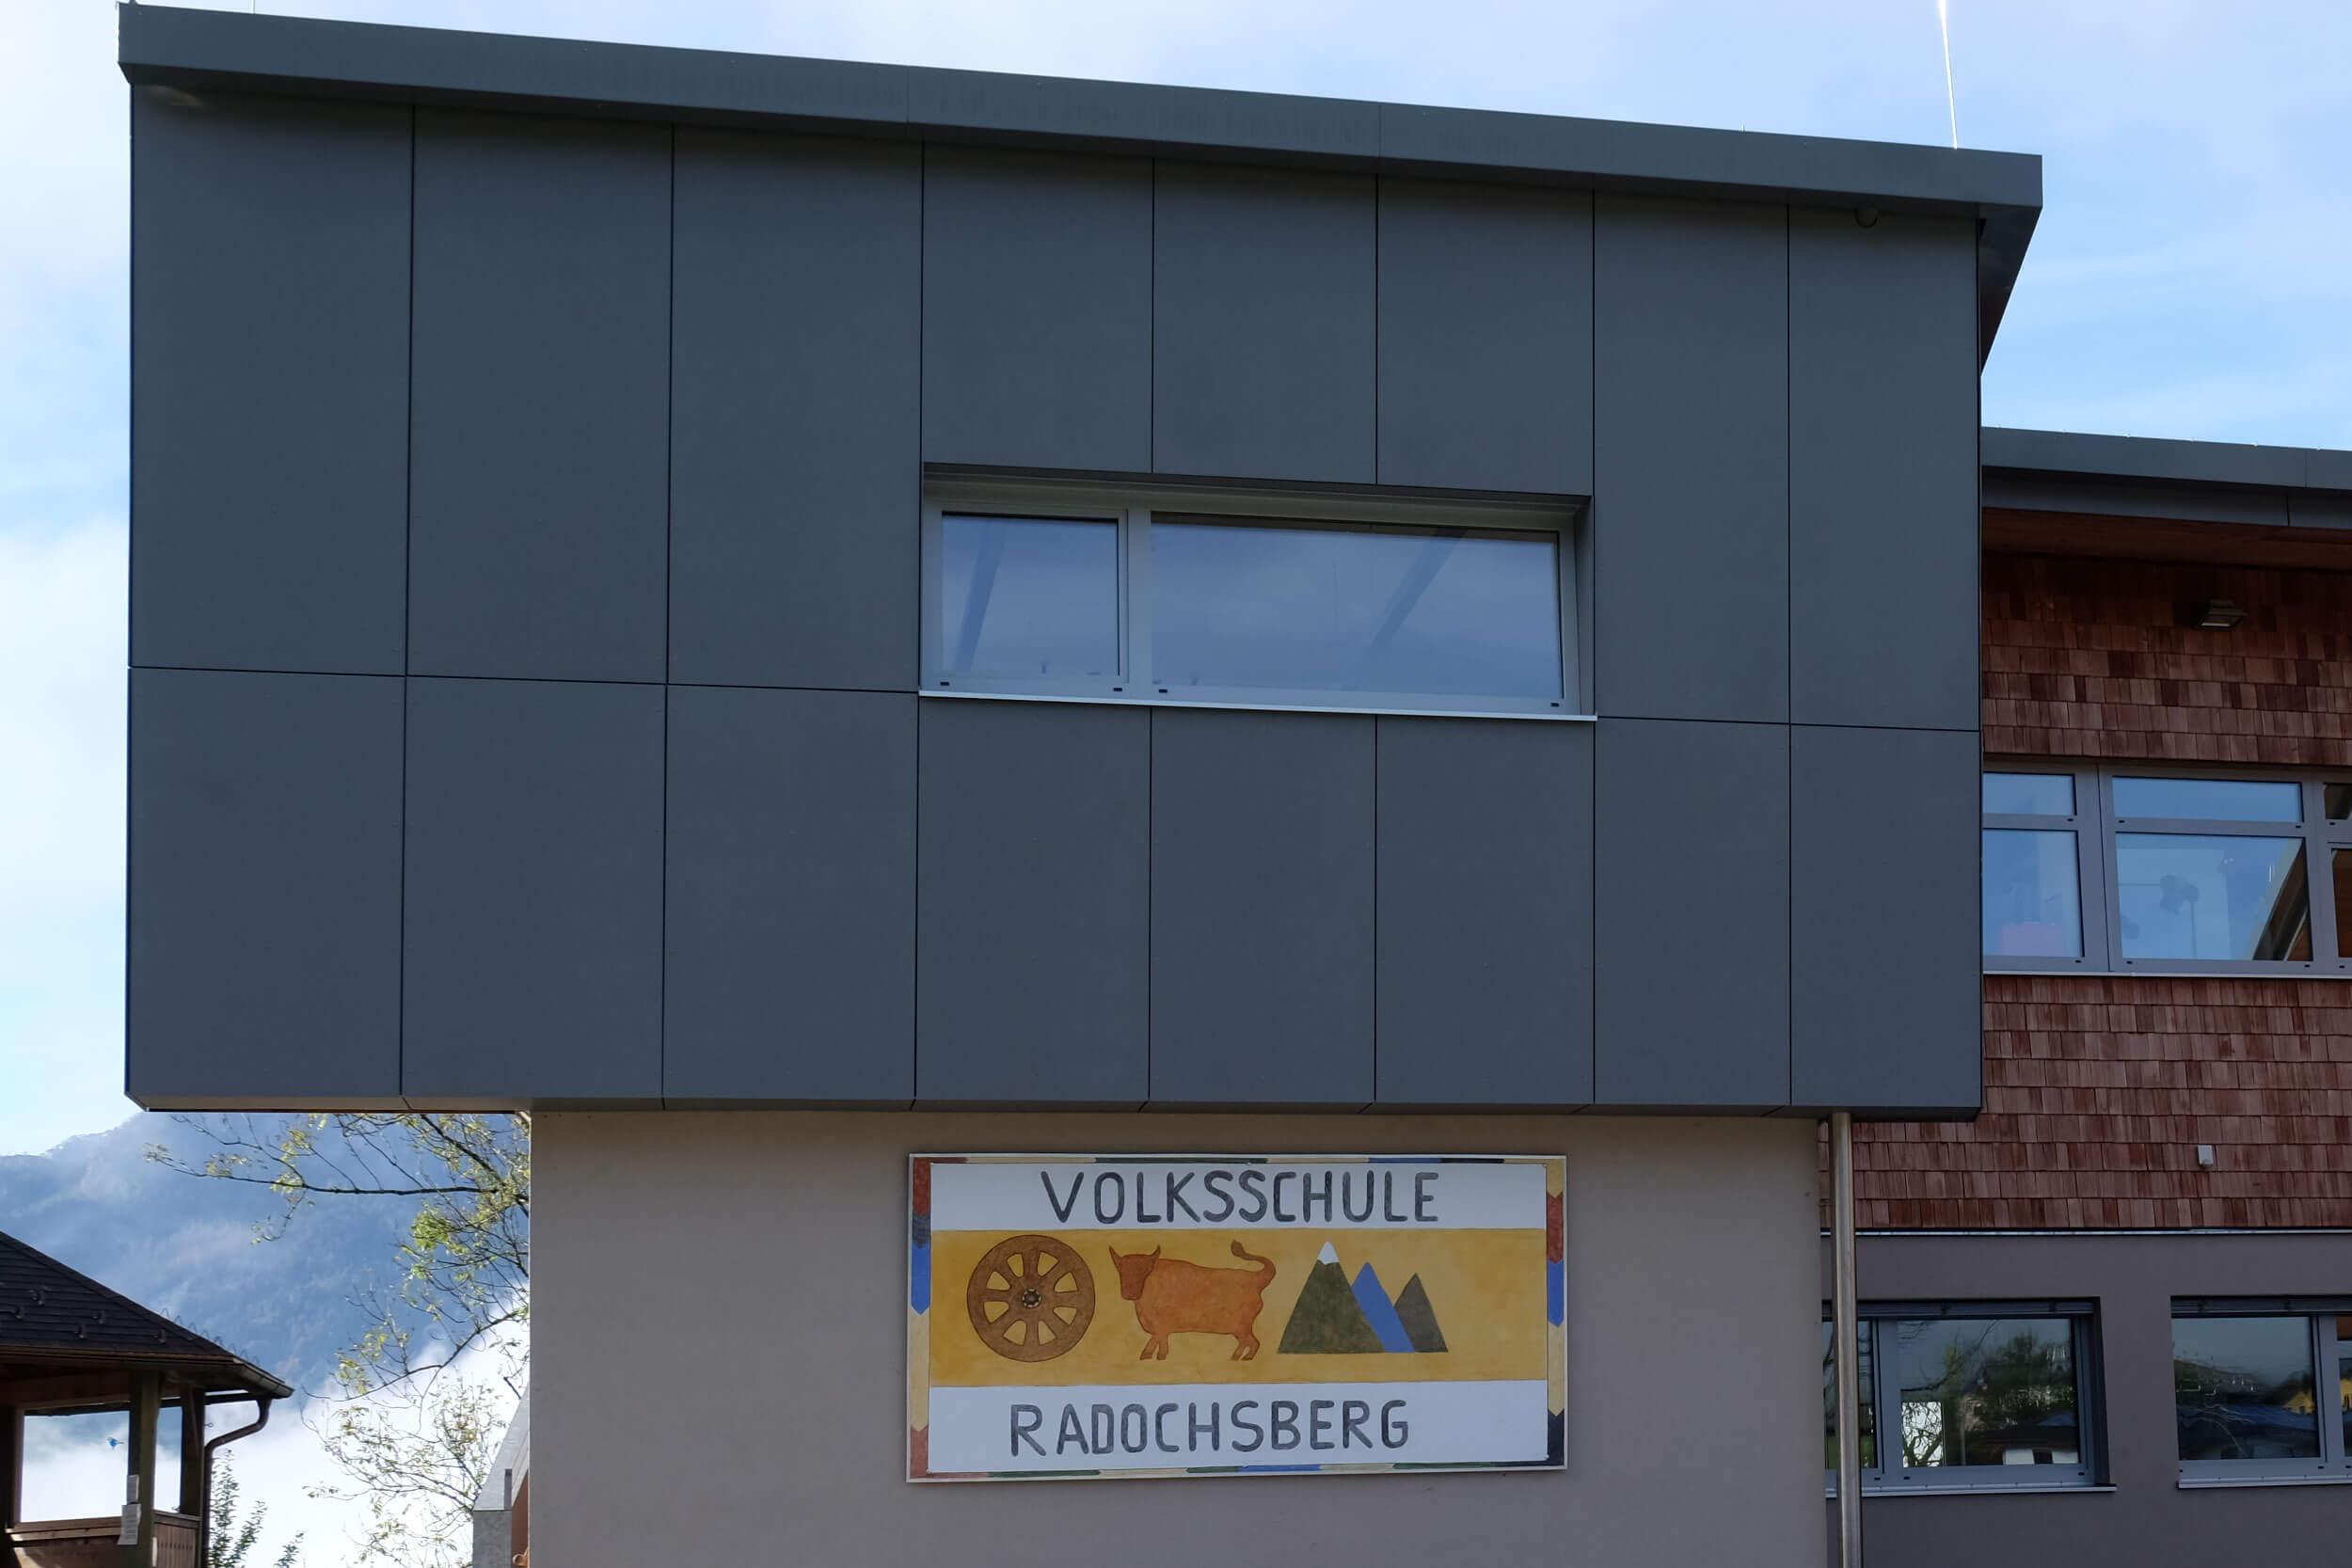 Windhofer | Bäder - Heizung - Dach | Abtenau, Badstudio, Service